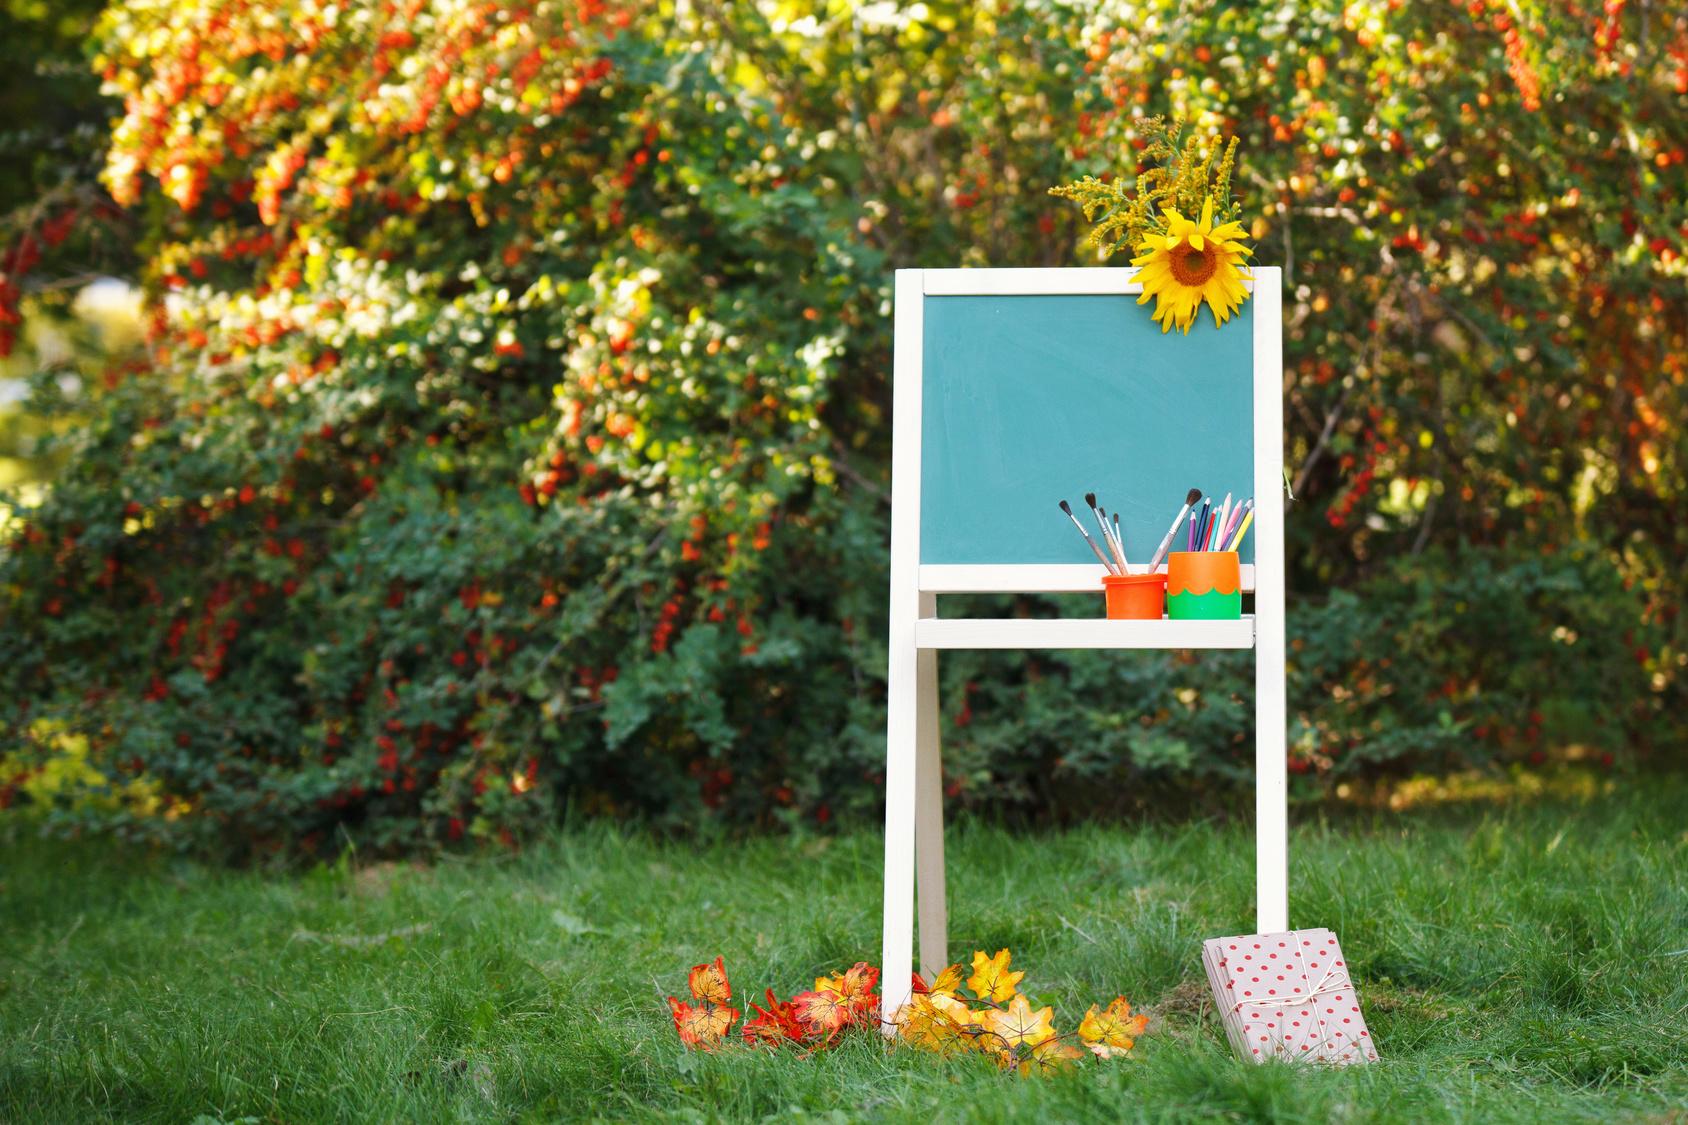 PädagogInnen - Willkommen auf Natur im Garten